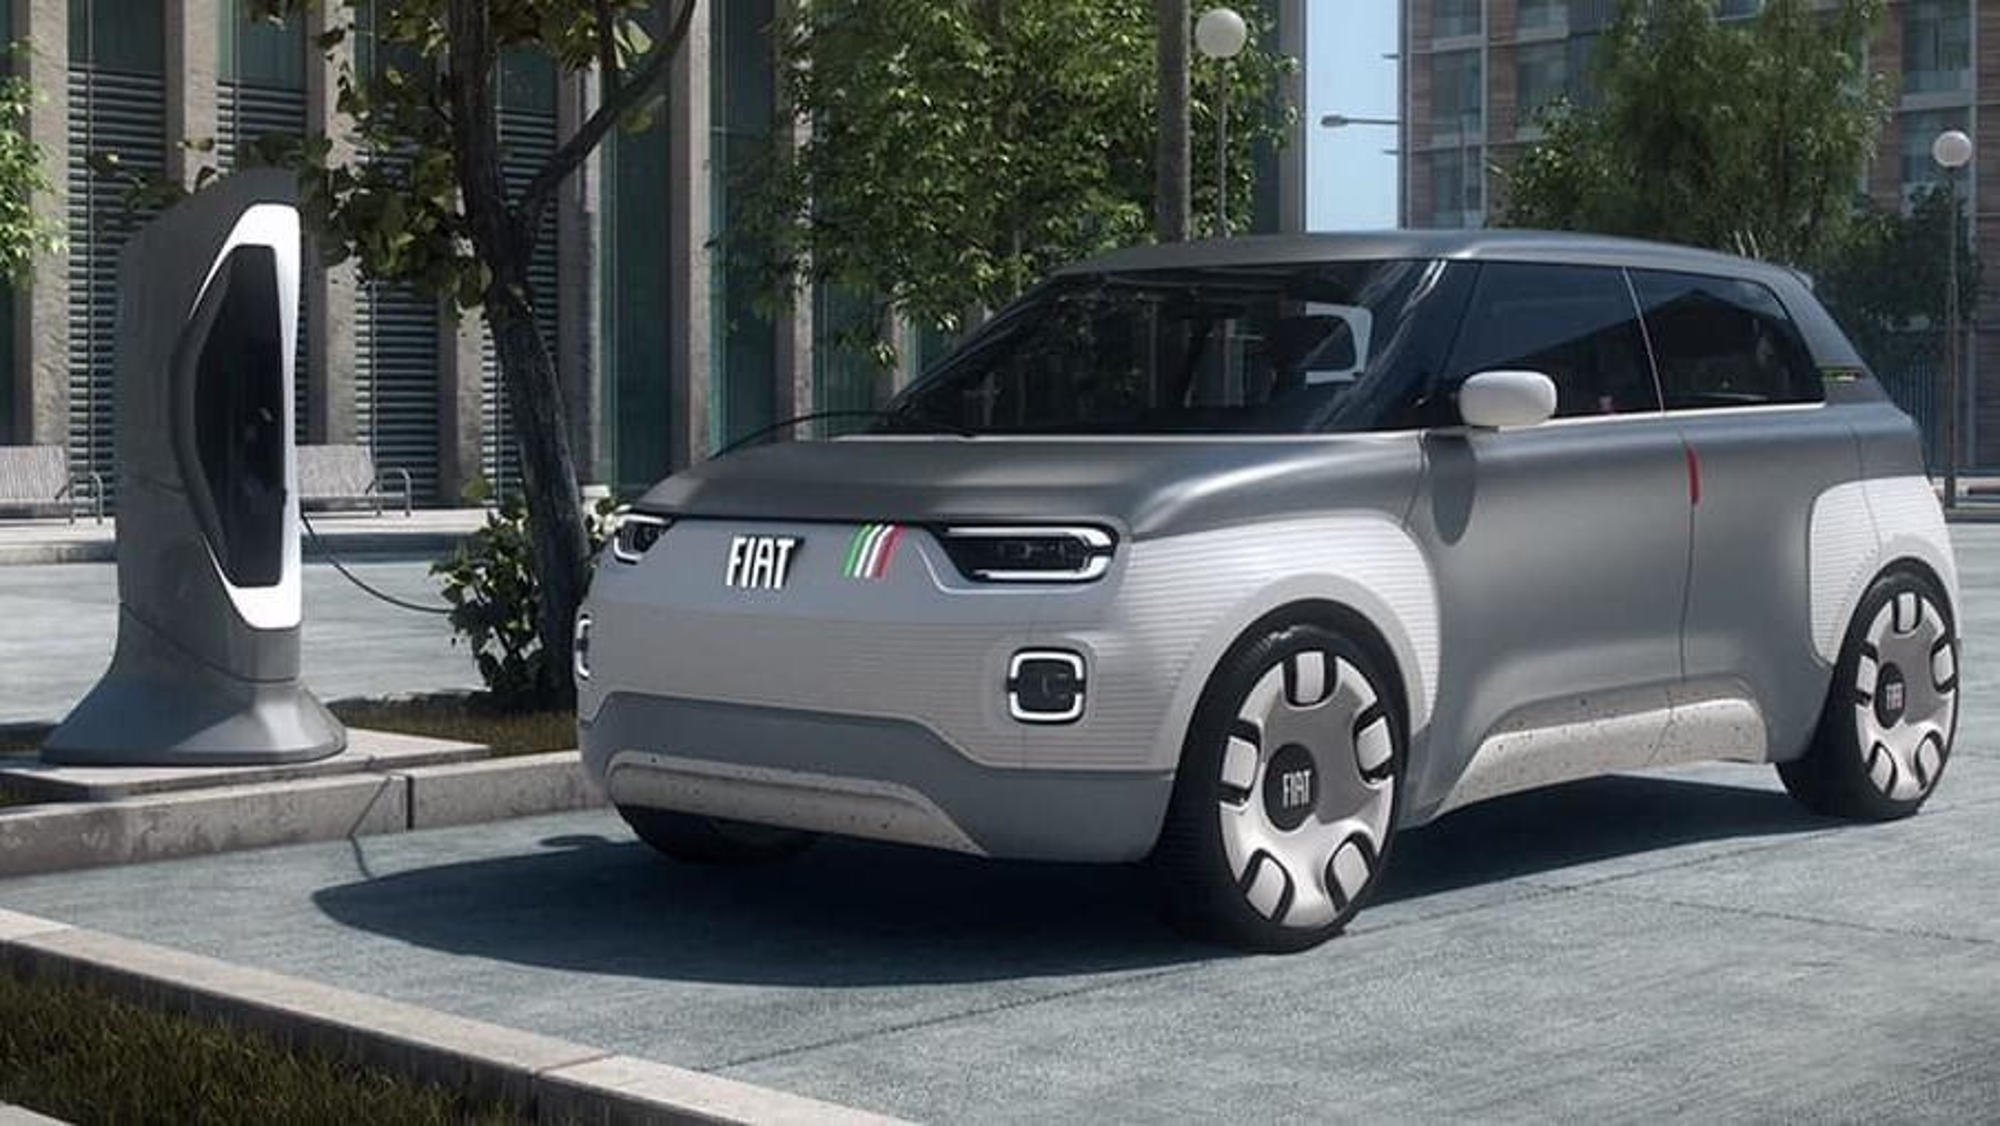 Med alle fem batteriene ombord, skal Centoventi sluke 500 km asfalt.